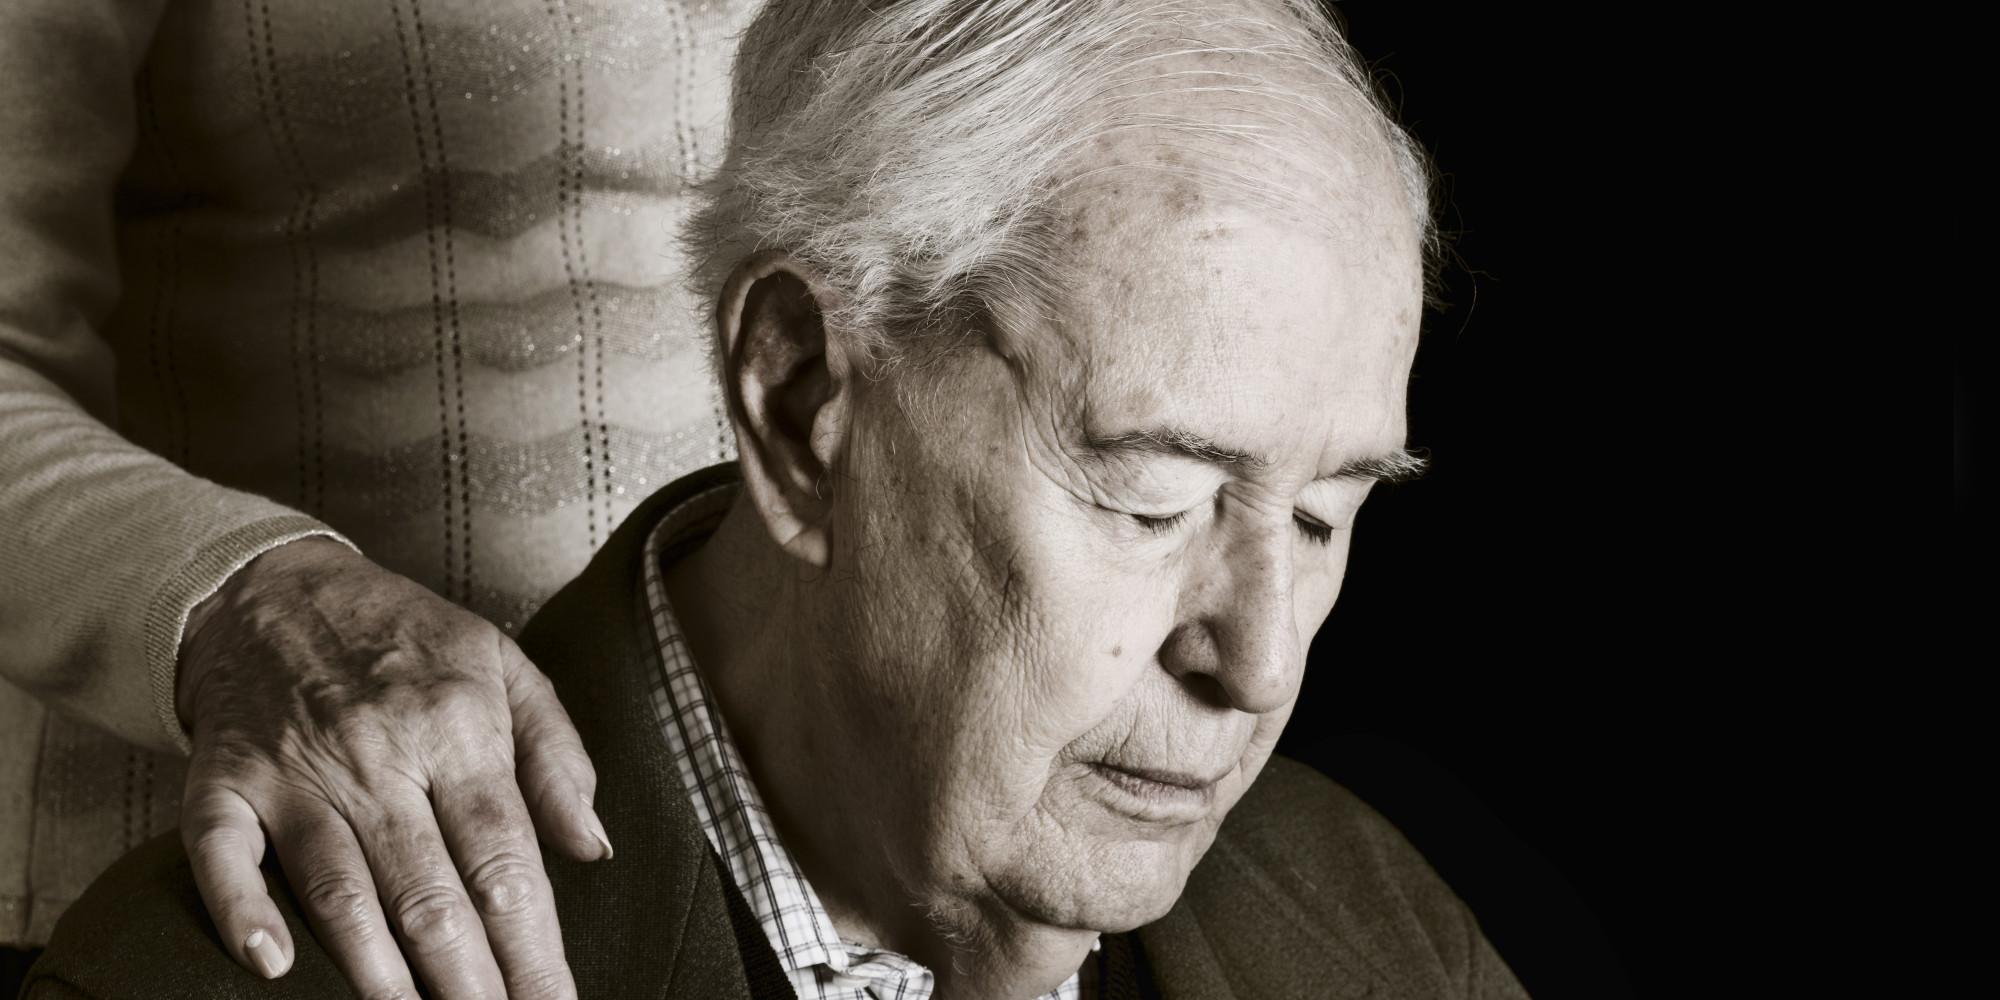 Frasi di condoglianze ad un'amica per la morte del nonno